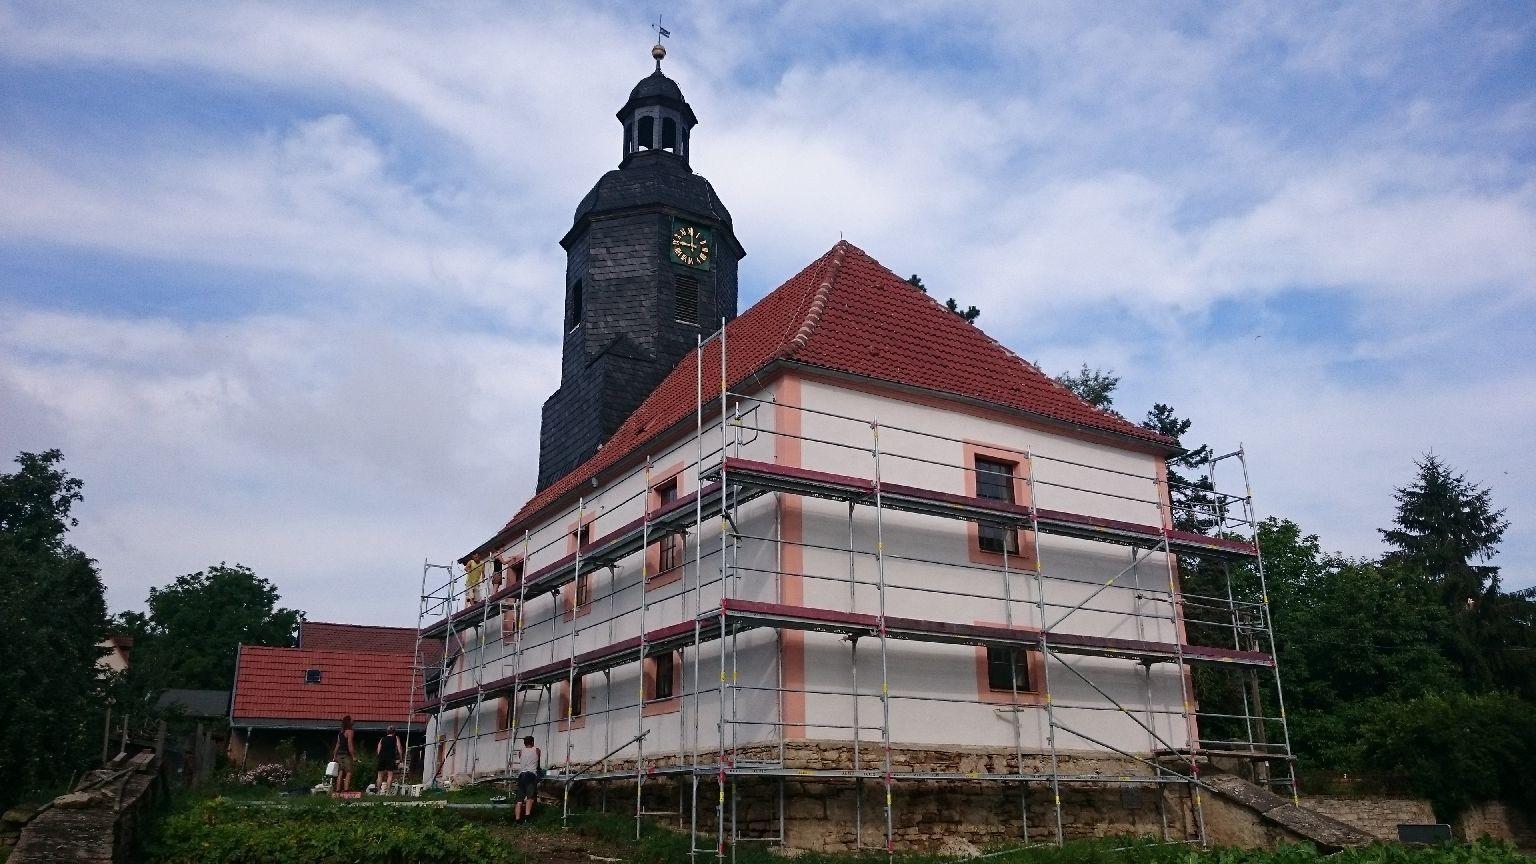 Die Kirche Dobraschütz fertig mit Gerüst